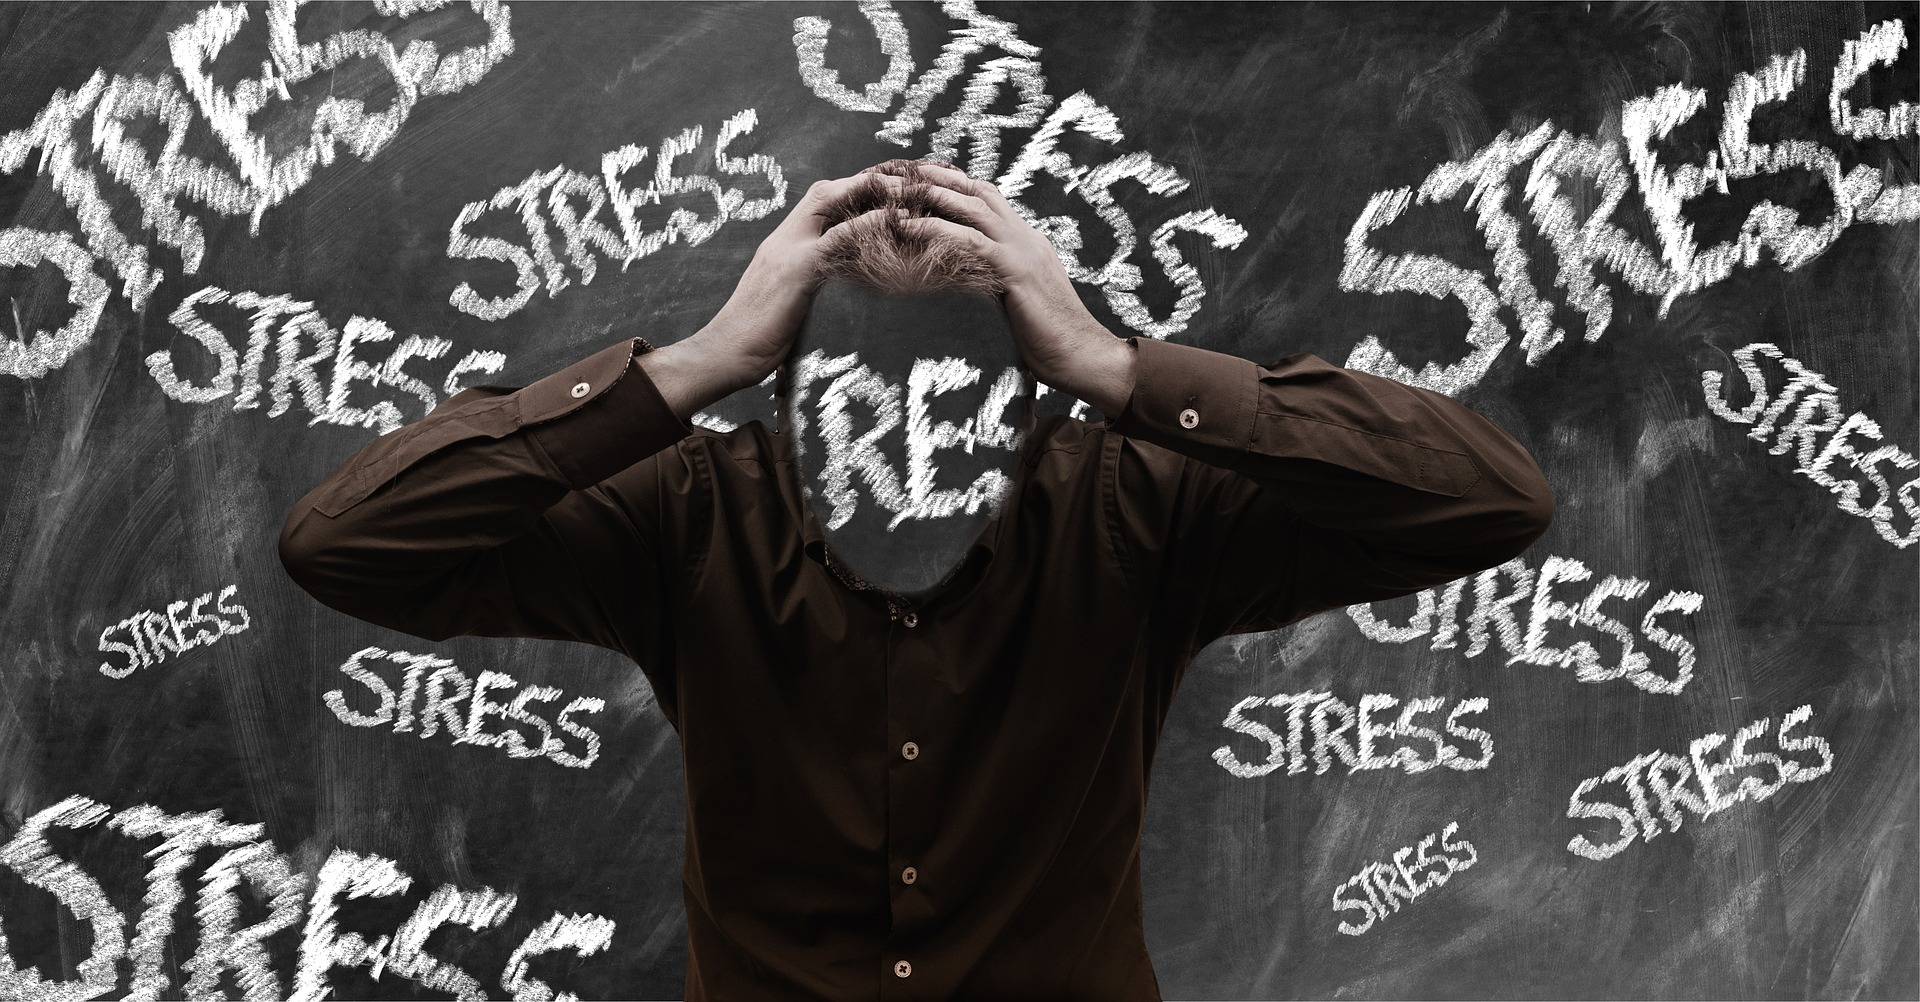 Stress, Erschöpfung, Job, Arbeit, viel arbeiten, Auszeit, Burn out, Balance, Sport Depression